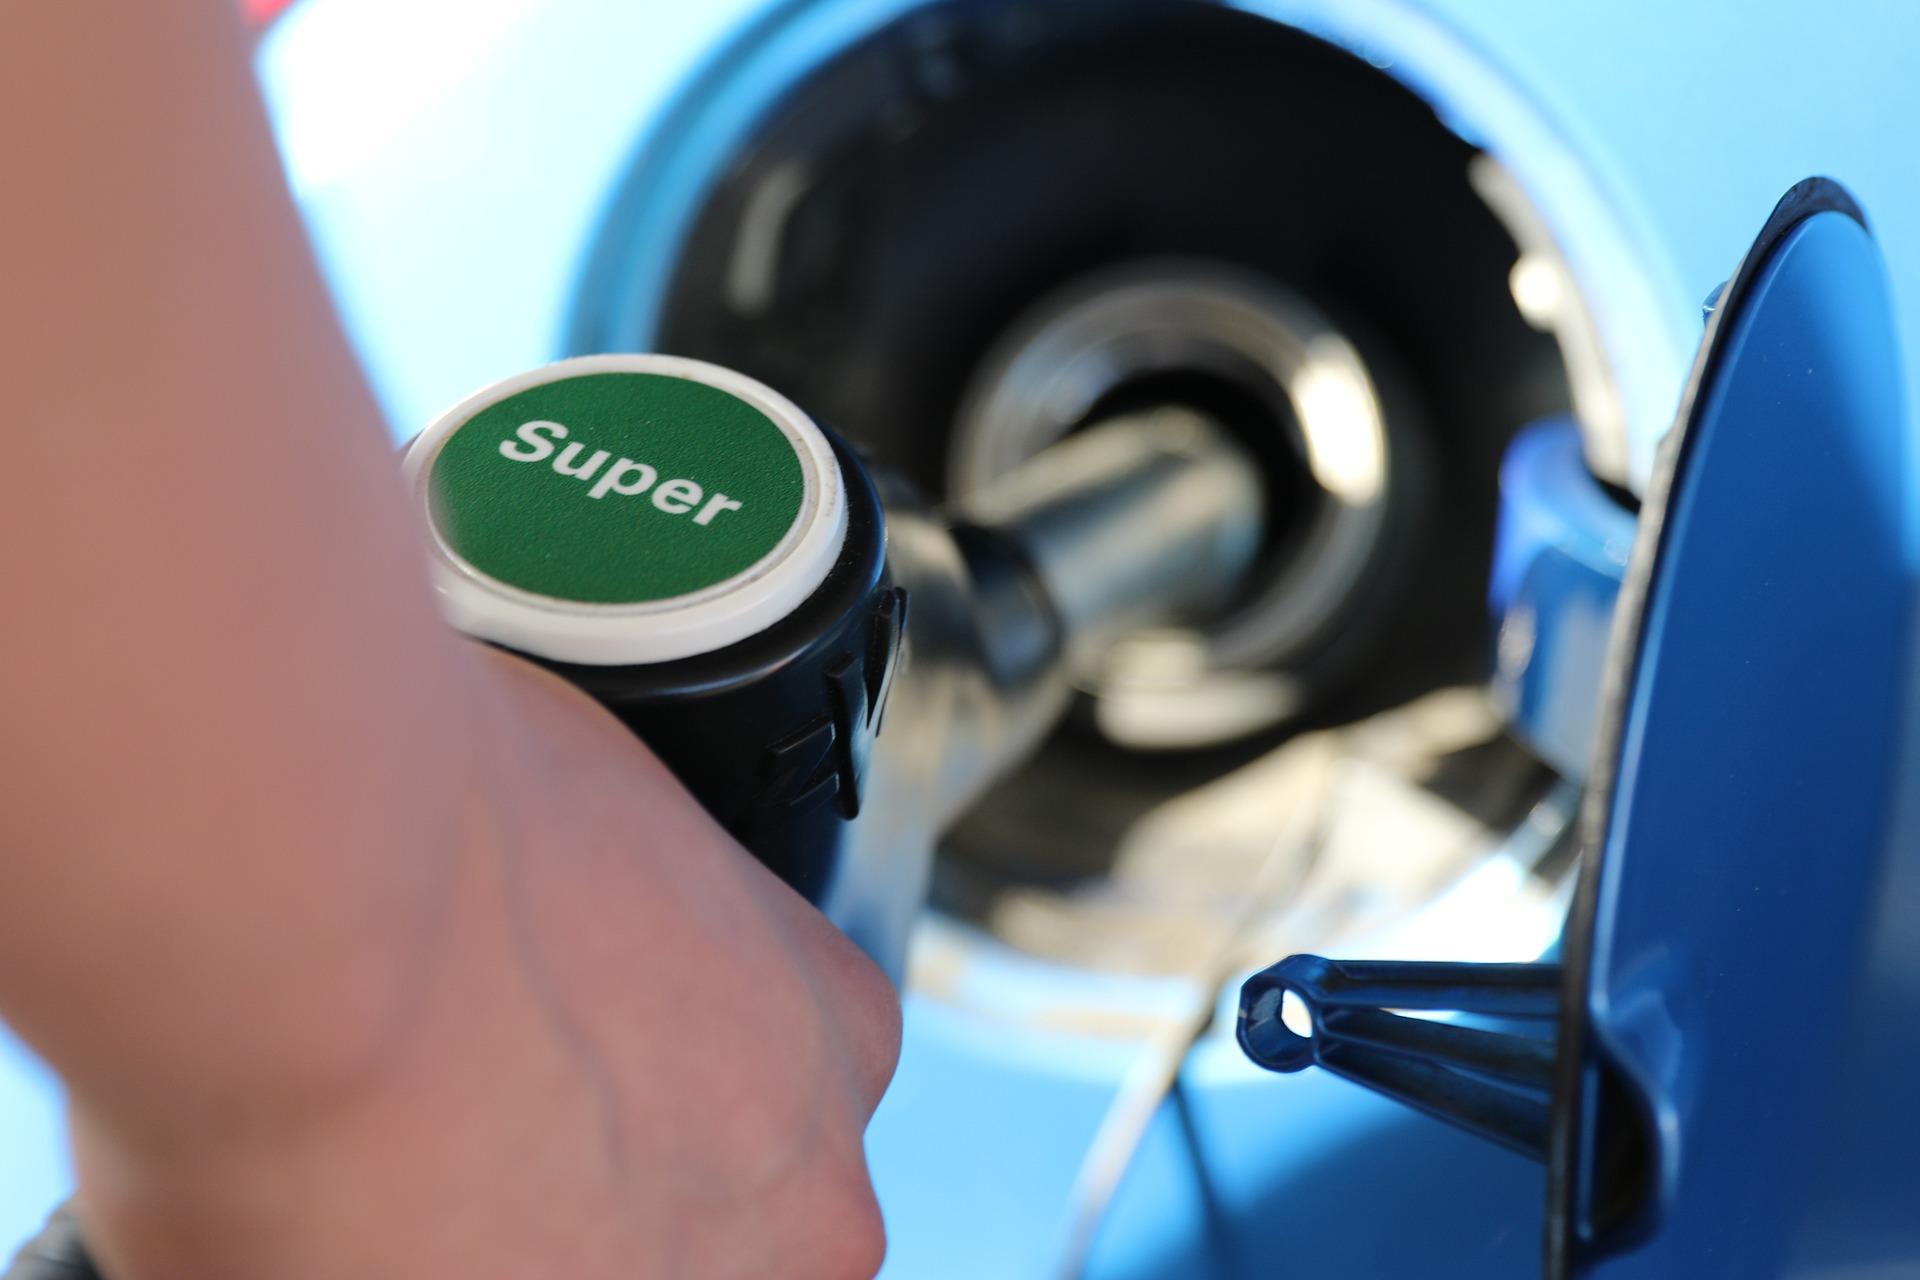 שמתי דלק לא נכון - ככה תשאבו את הדלק